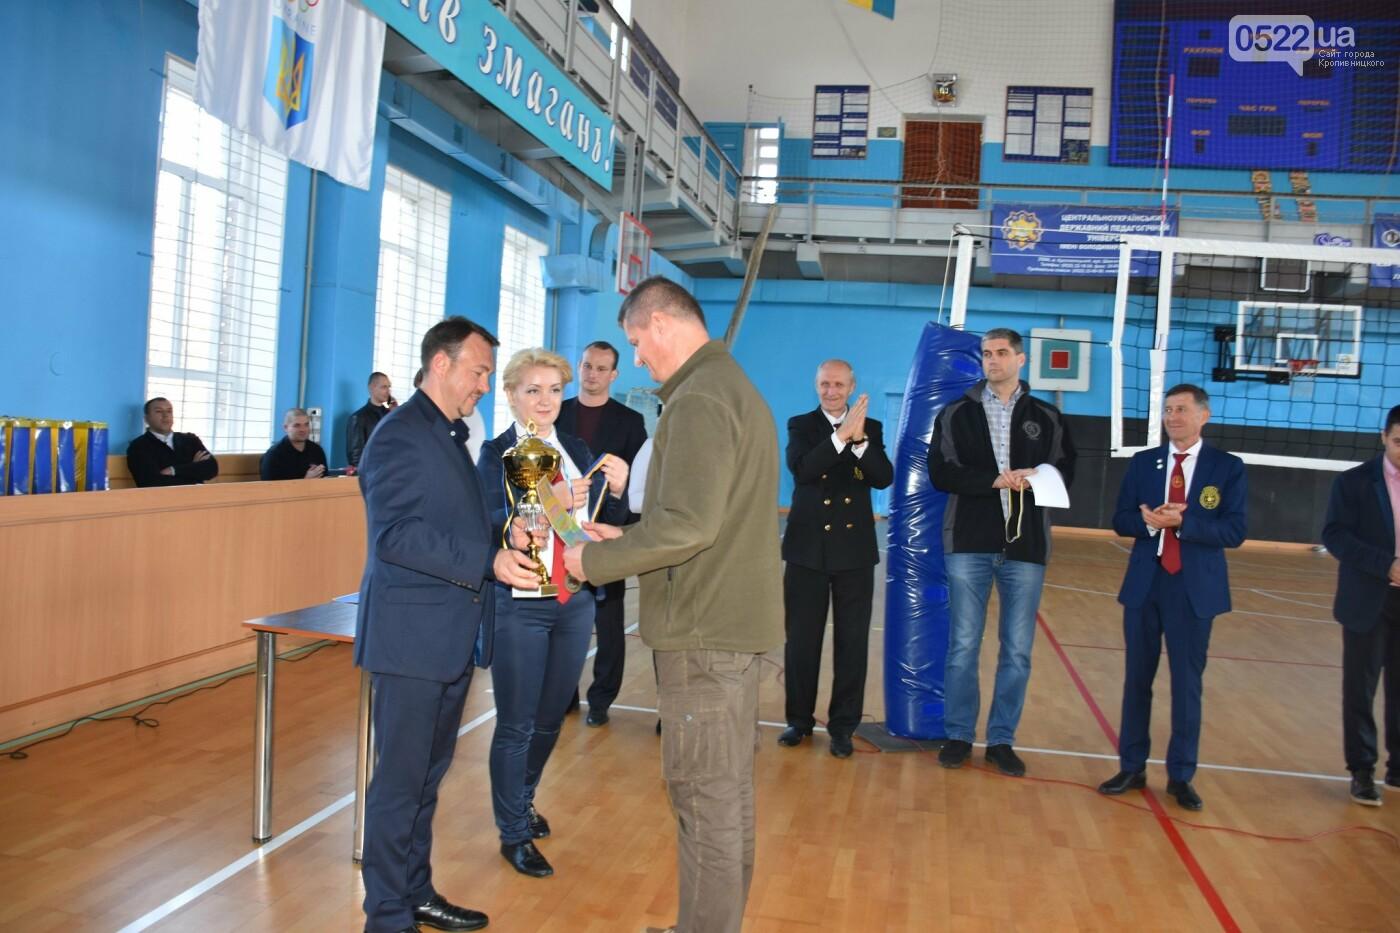 Кропивницький: Хто переміг у чемпіонаті з рукопашного бою серед силовиків, фото-1